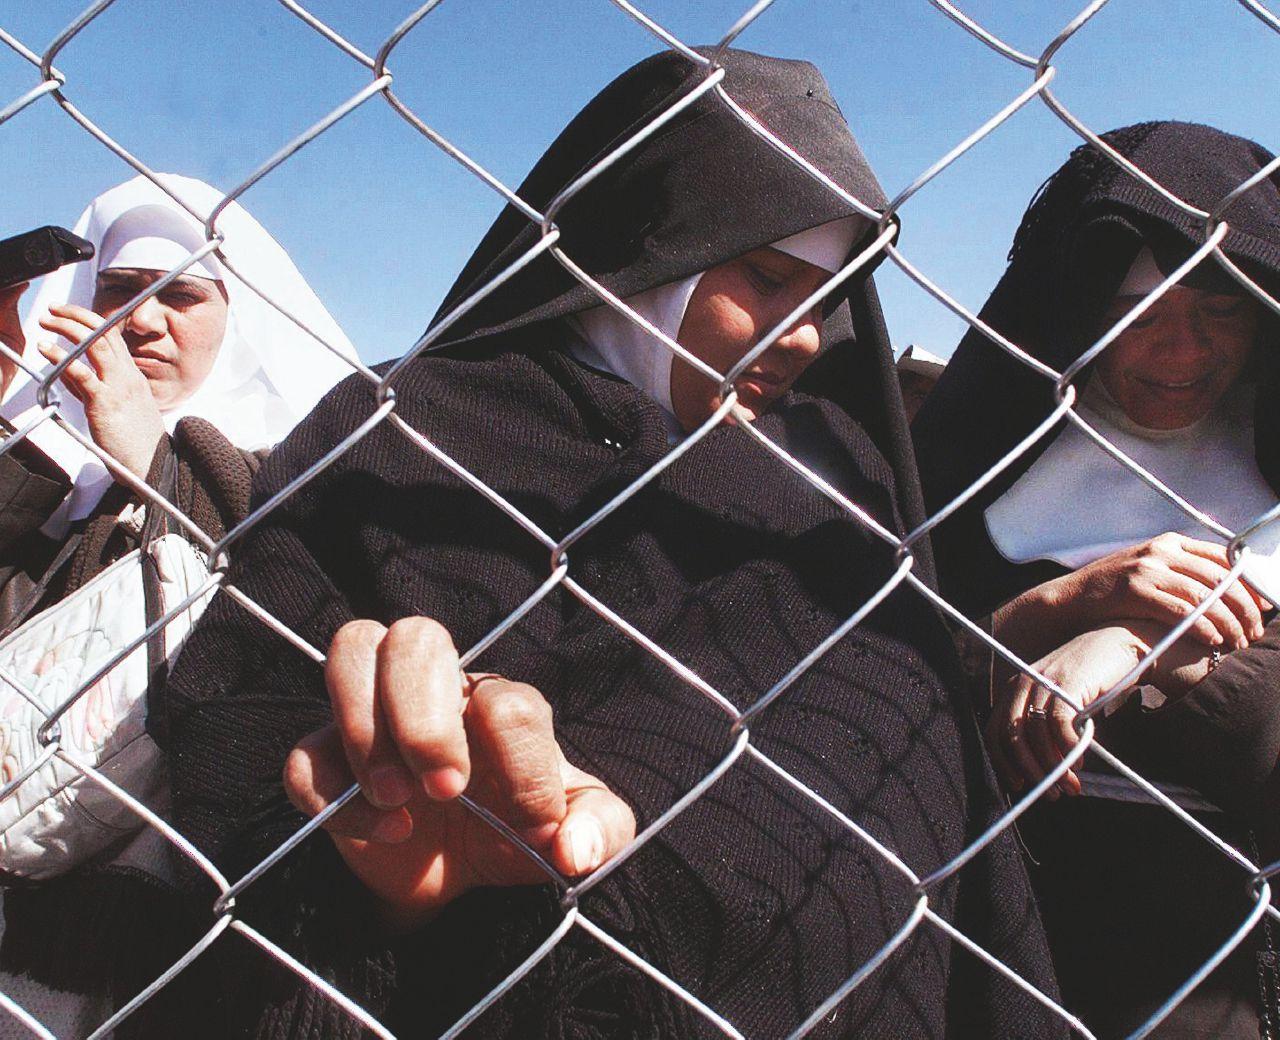 Risultati immagini per chain-link fencing